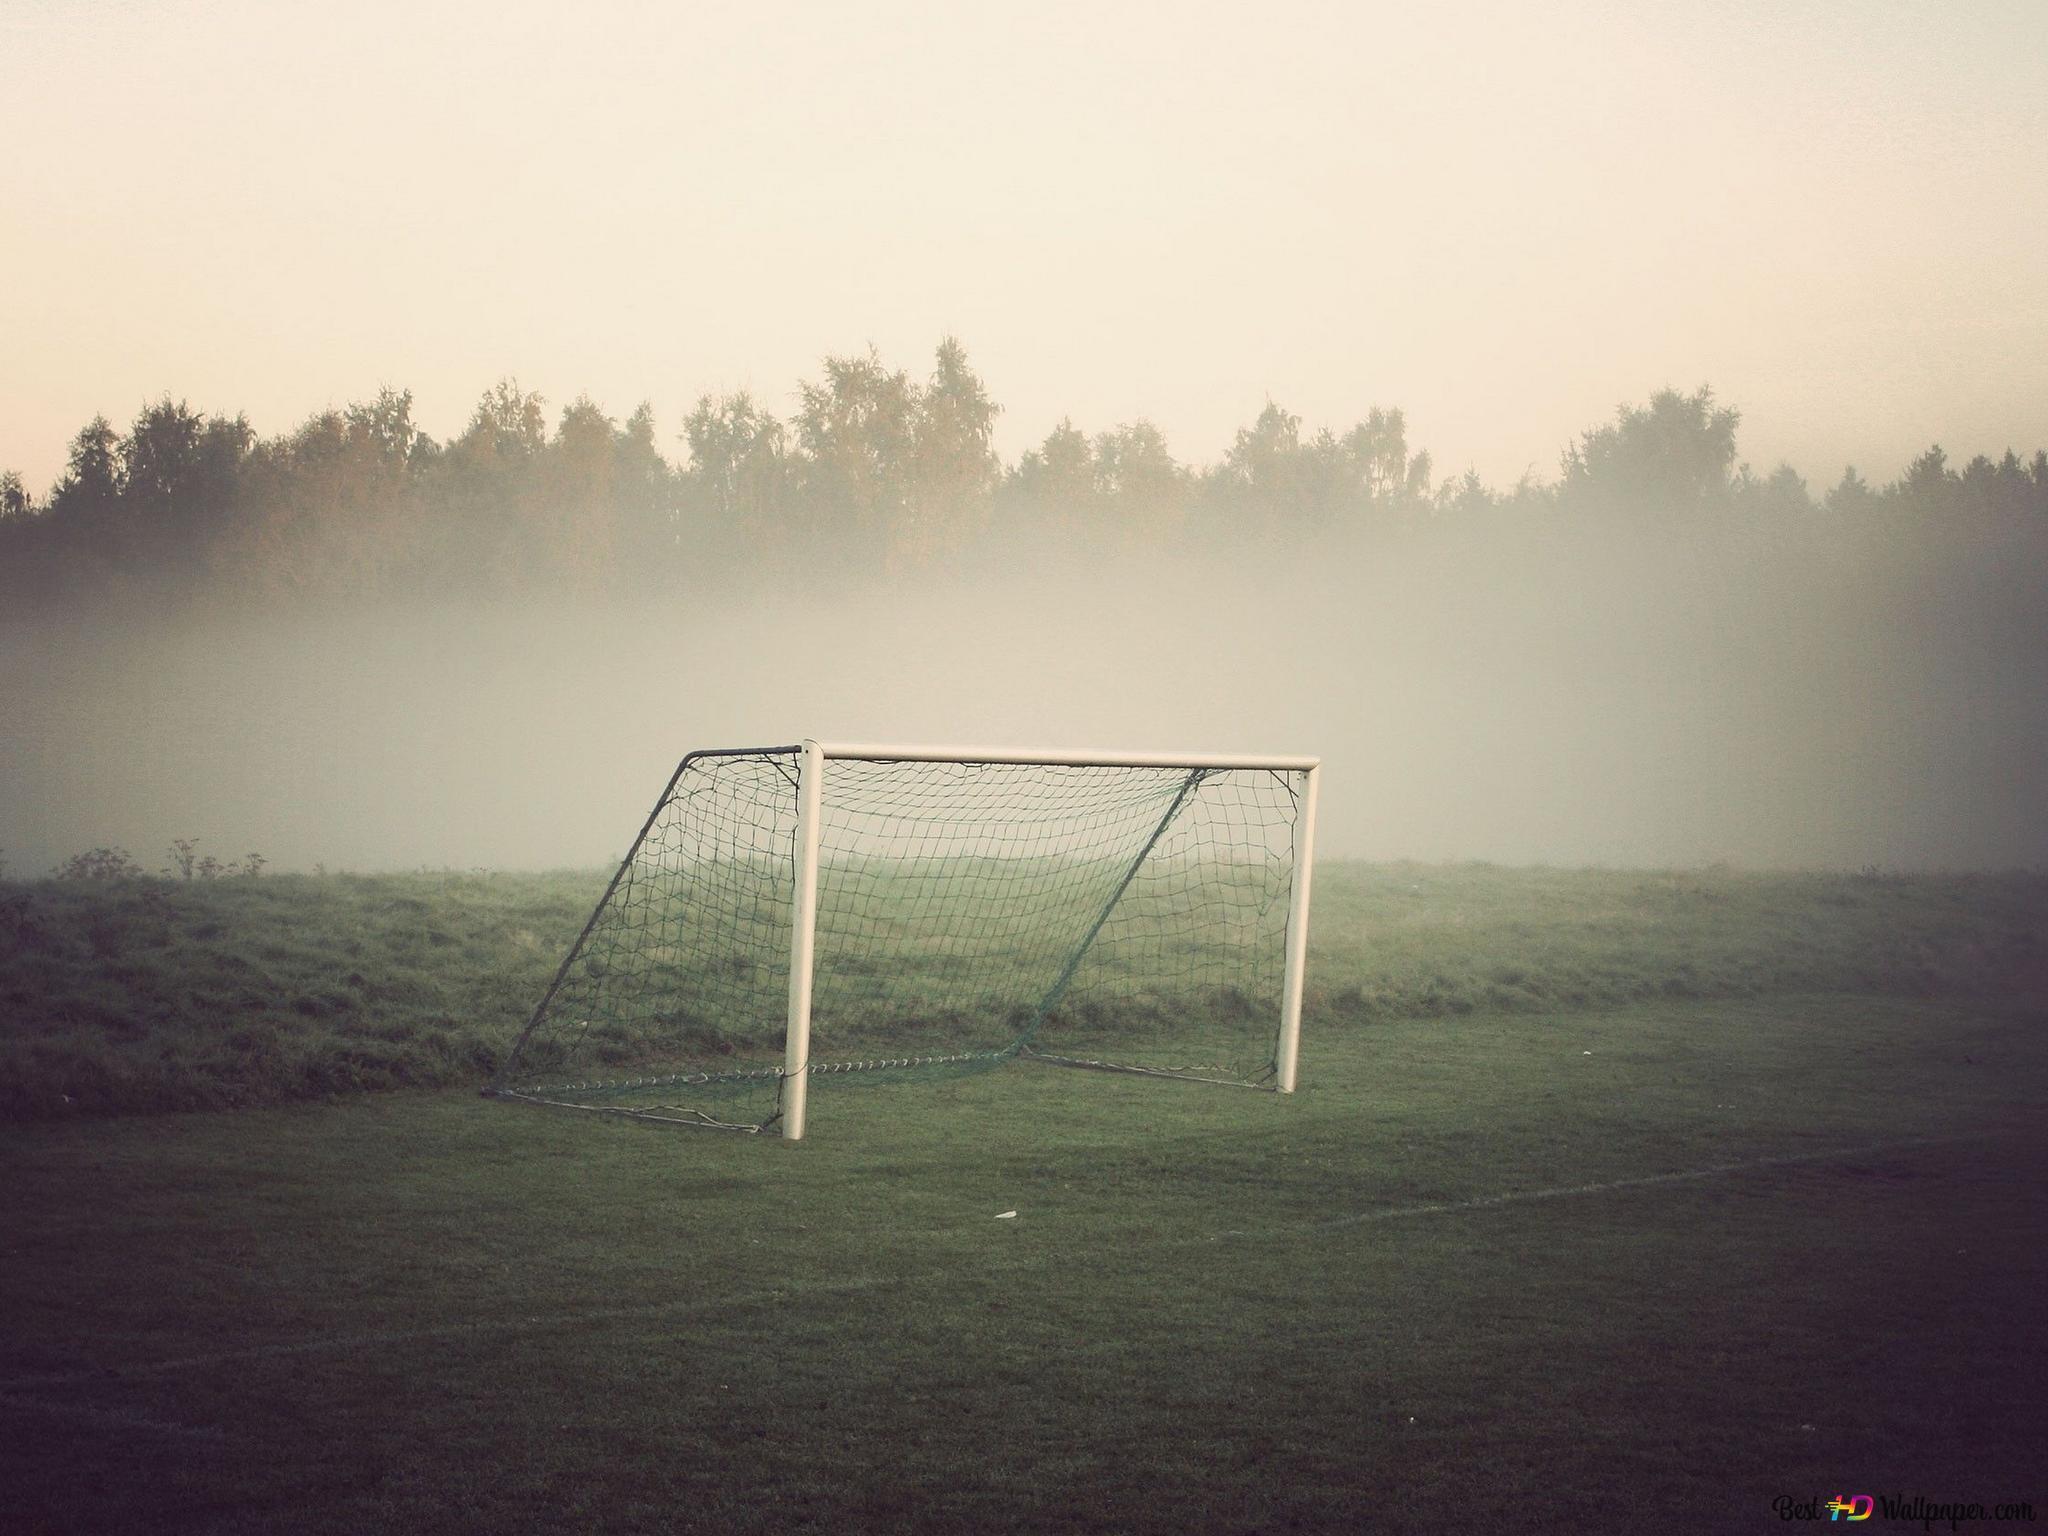 Fussball Netz Im Boden Hd Hintergrundbilder Herunterladen